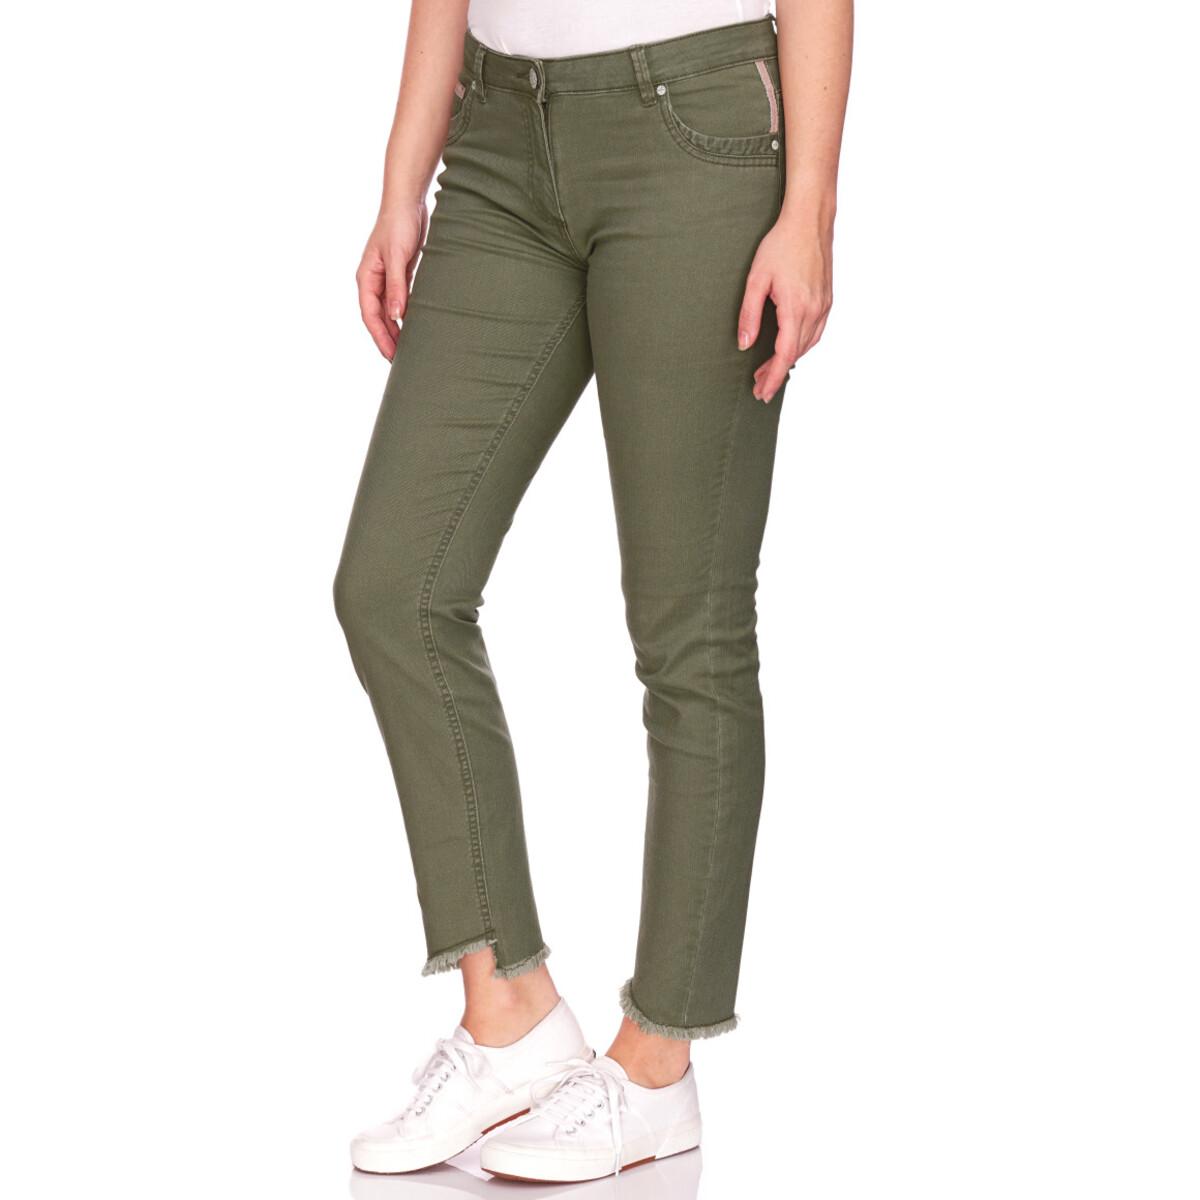 Bild 2 von Damen Slim-Jeans mit fransigem Beinabschluss